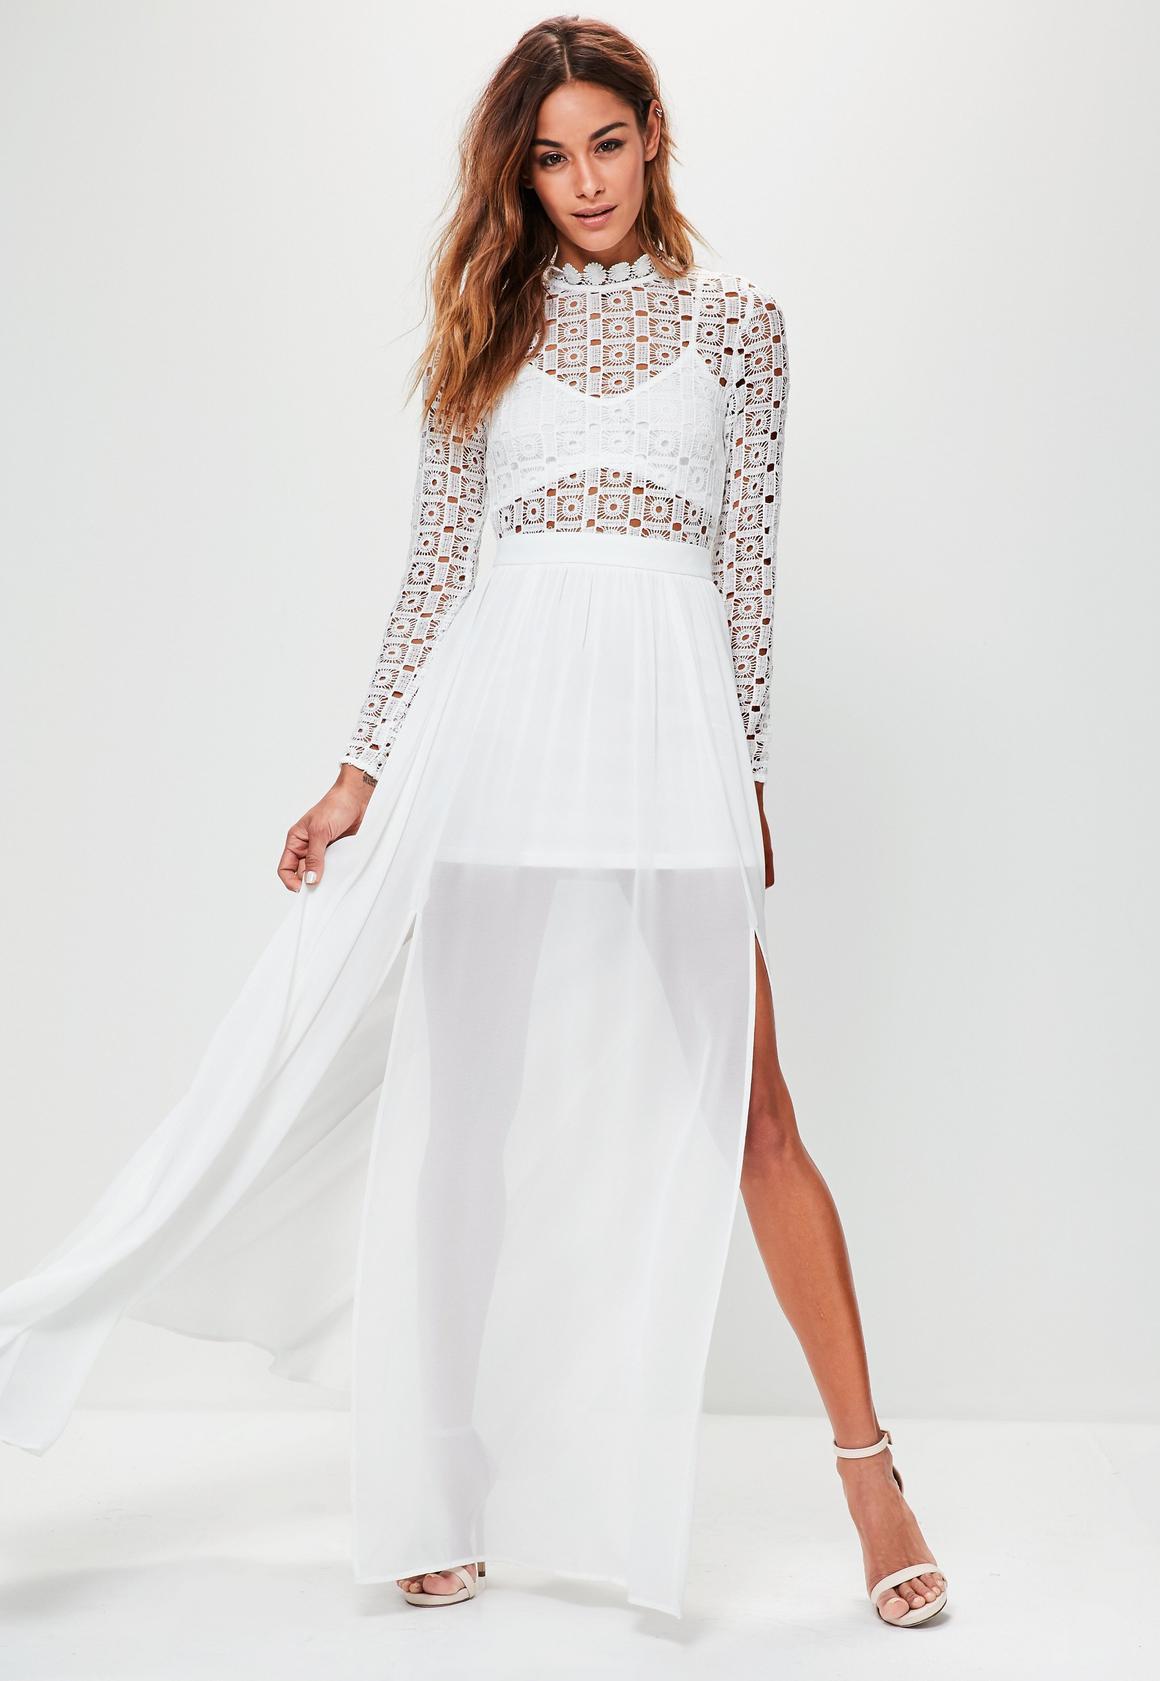 White dress crochet - White Crochet High Neck Long Sleeve Maxi Dress